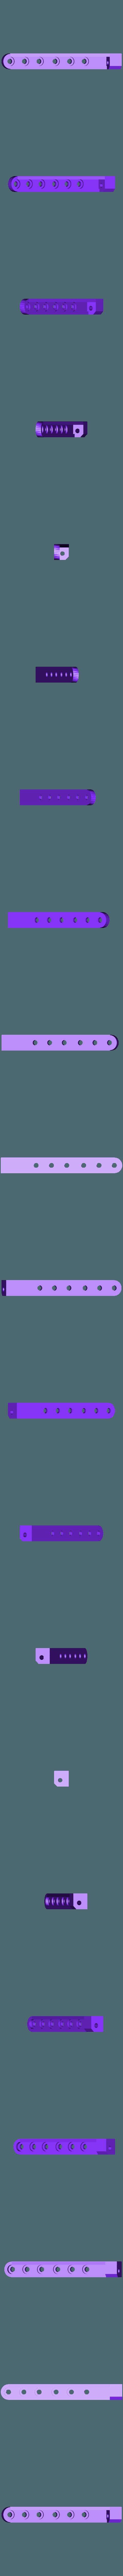 screw_mount.stl Télécharger fichier STL gratuit Support de butée réglable z mécanique pour Prusa i3 • Objet pour imprimante 3D, dasaki